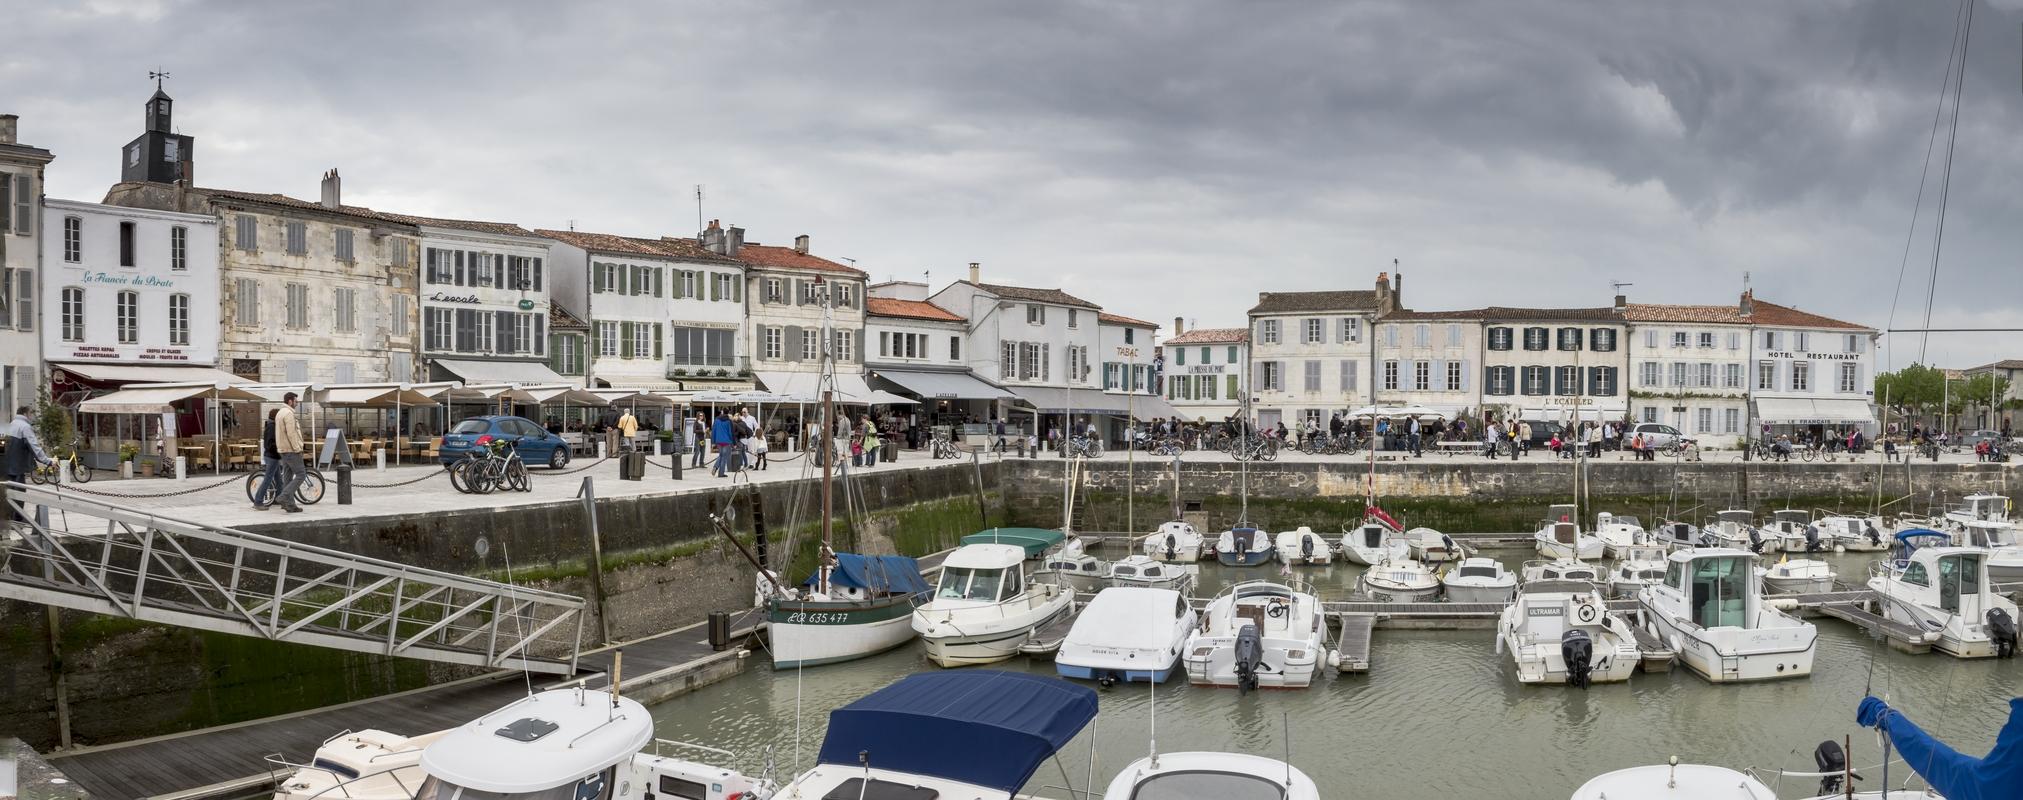 Port de La Flotte - Île de Ré - Charente Maritime, avril 2014.